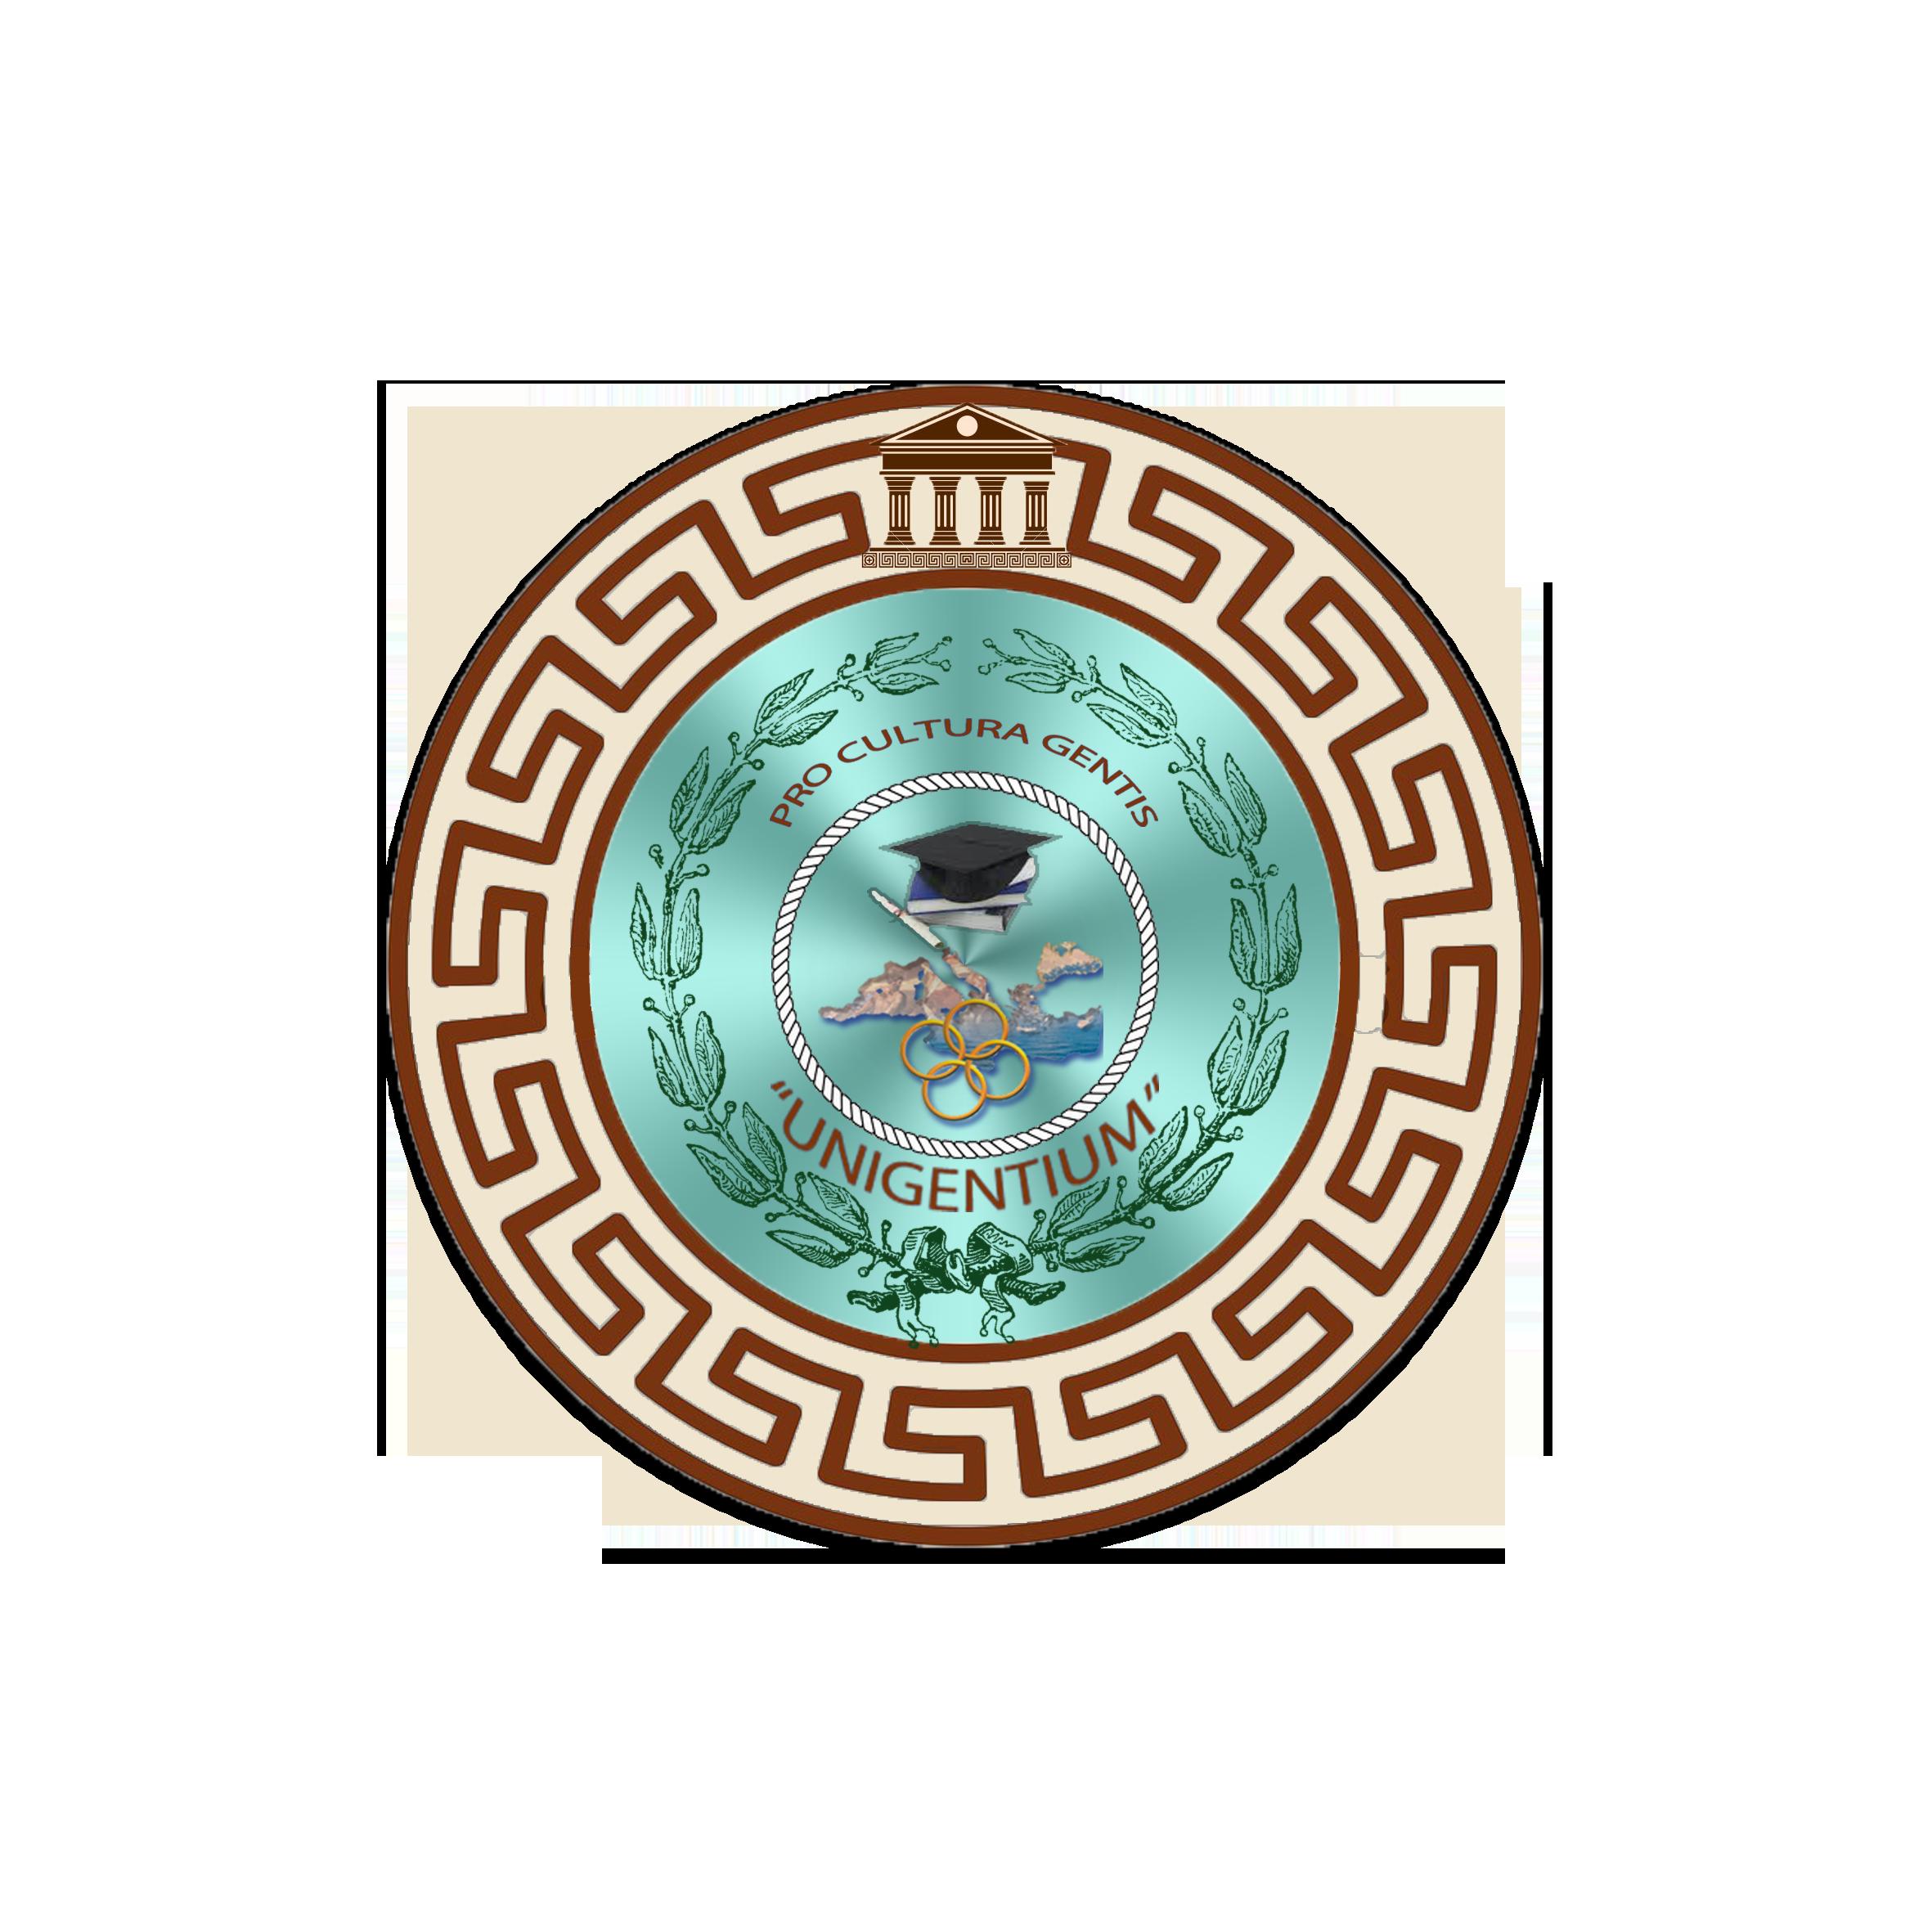 unigentium-logo-nuovo